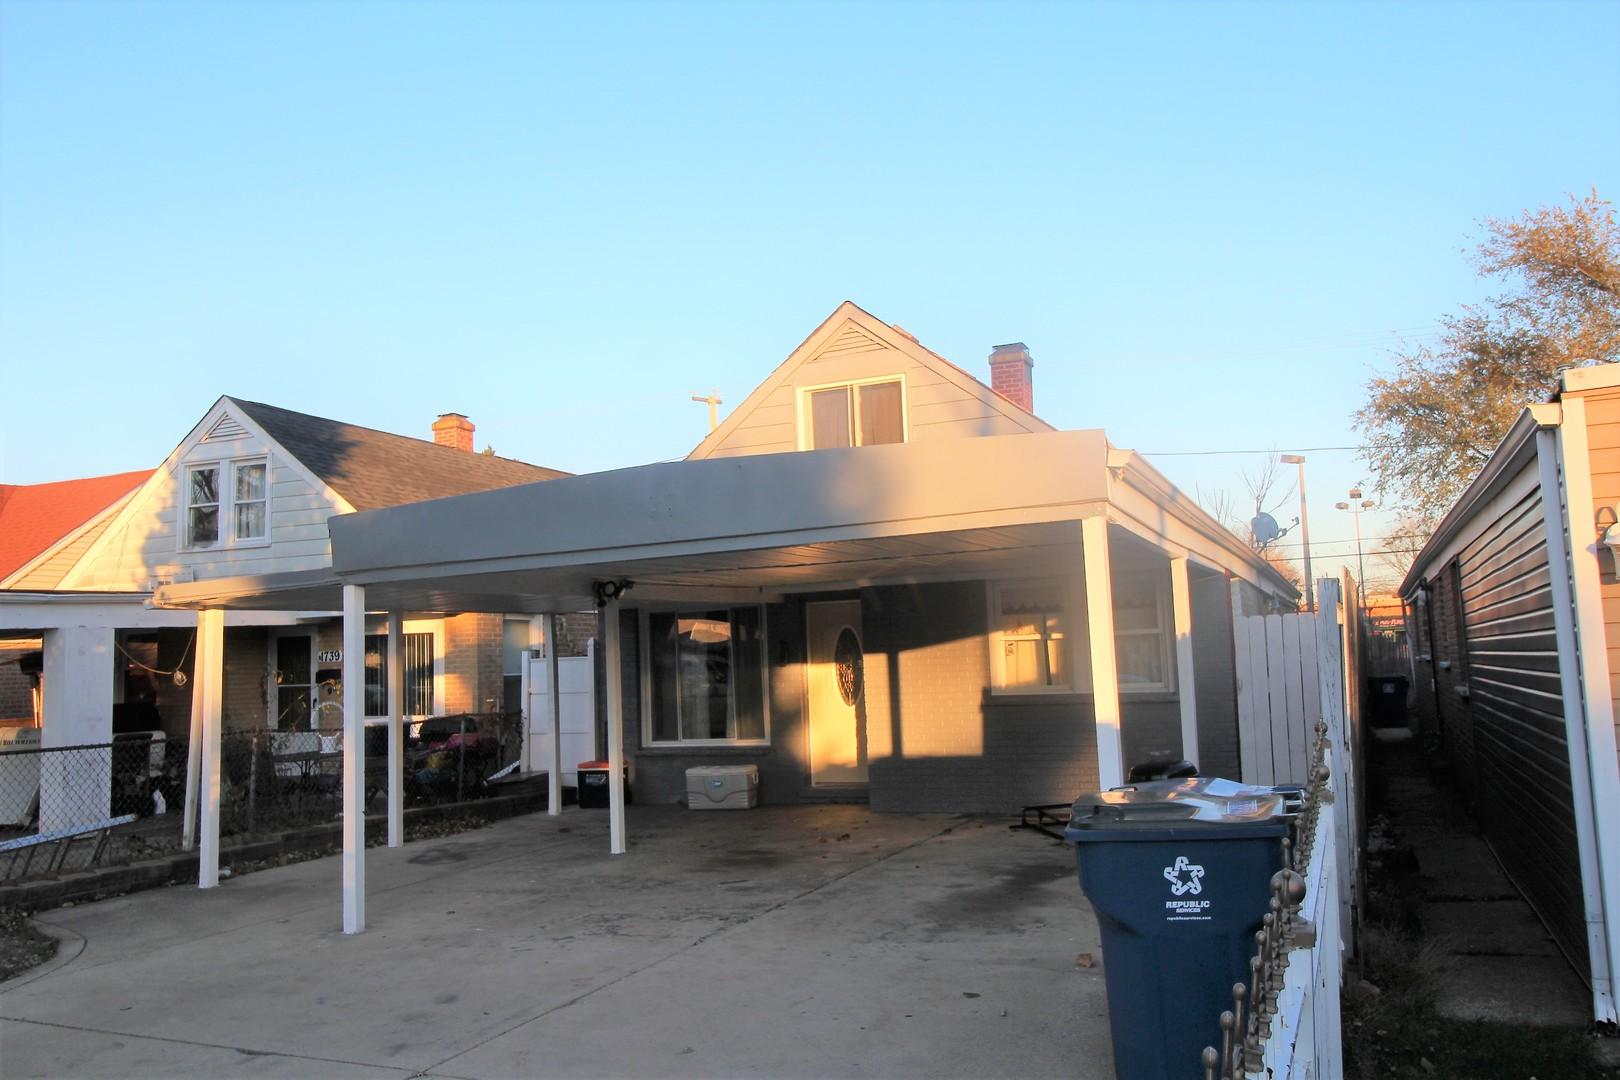 1737 North 43rd. Avenue North Stone Park, IL 60165